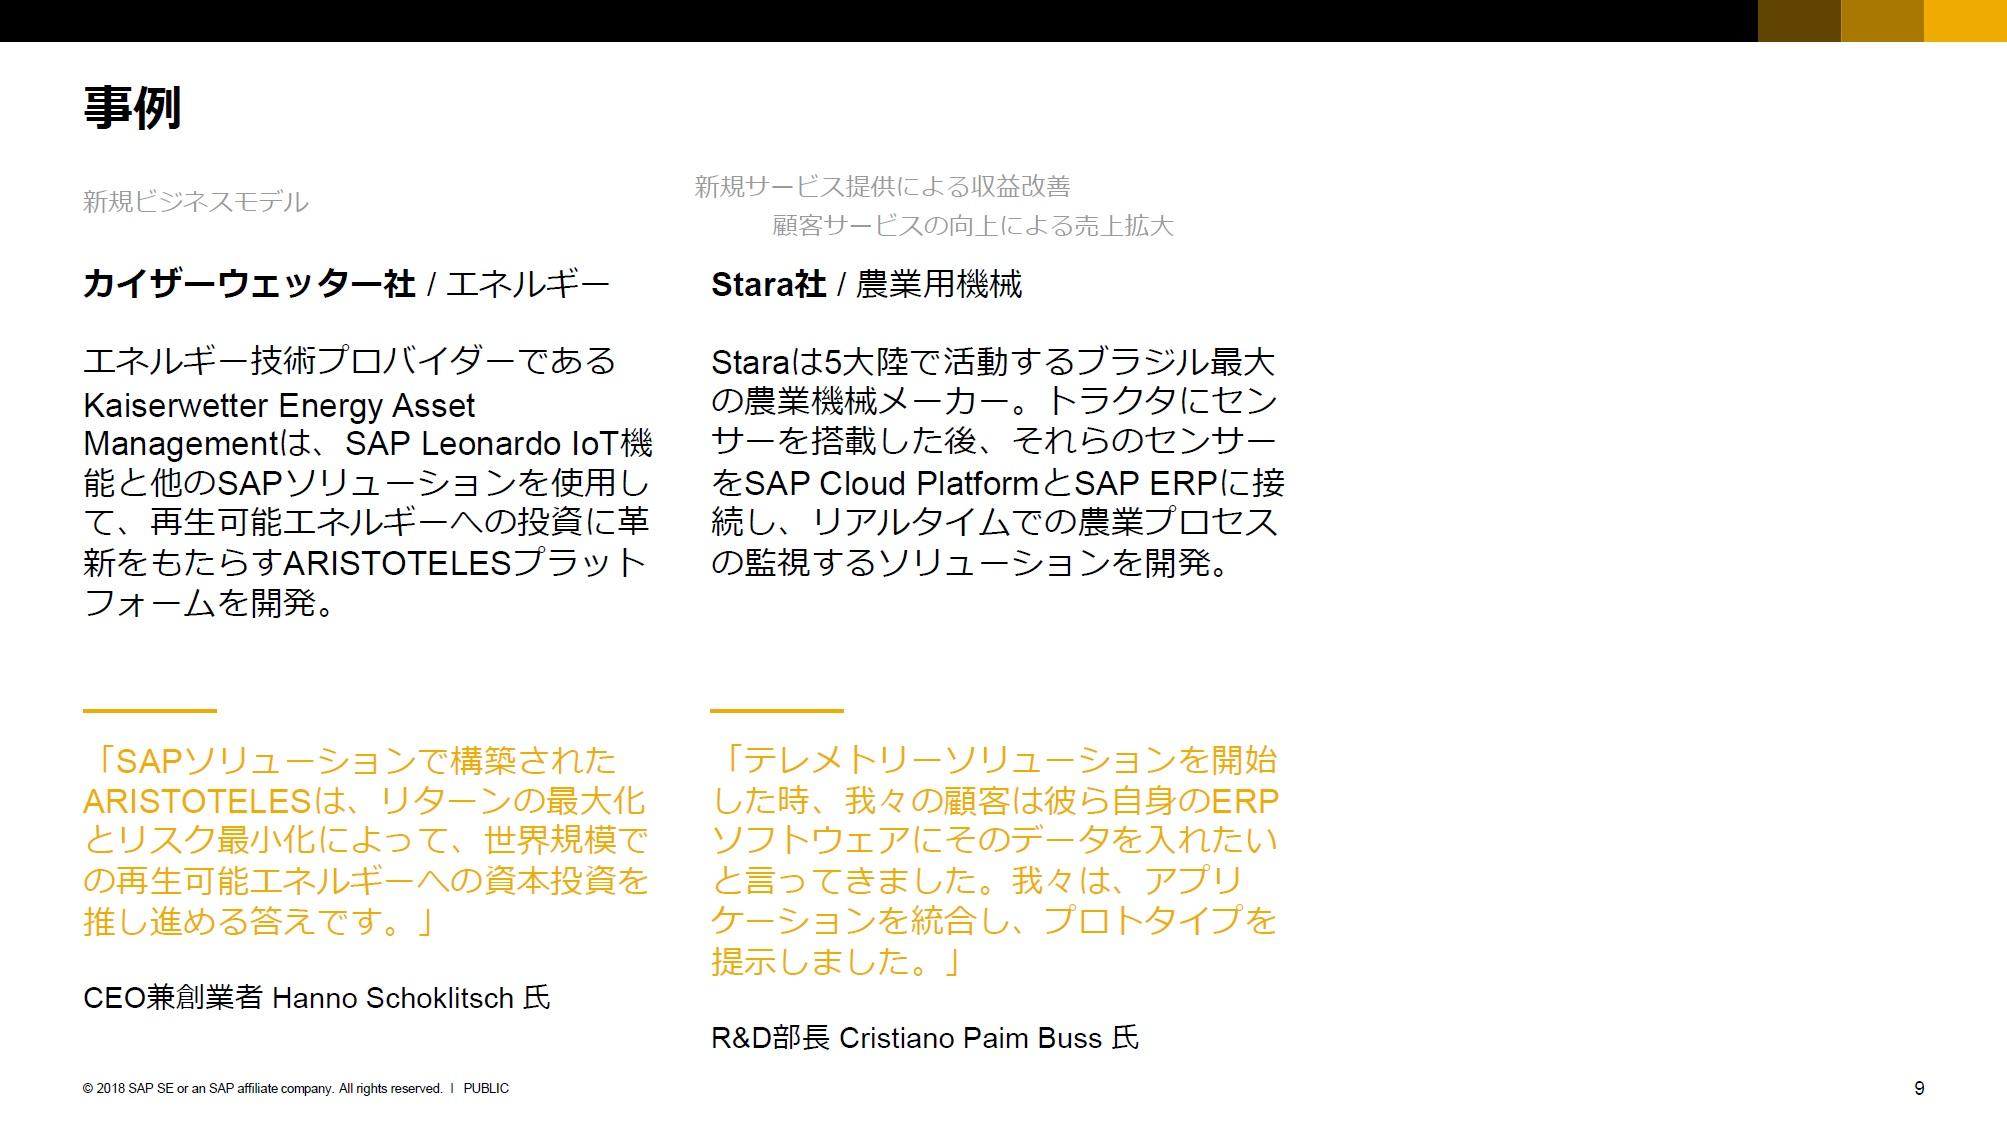 04. 事例 page 2